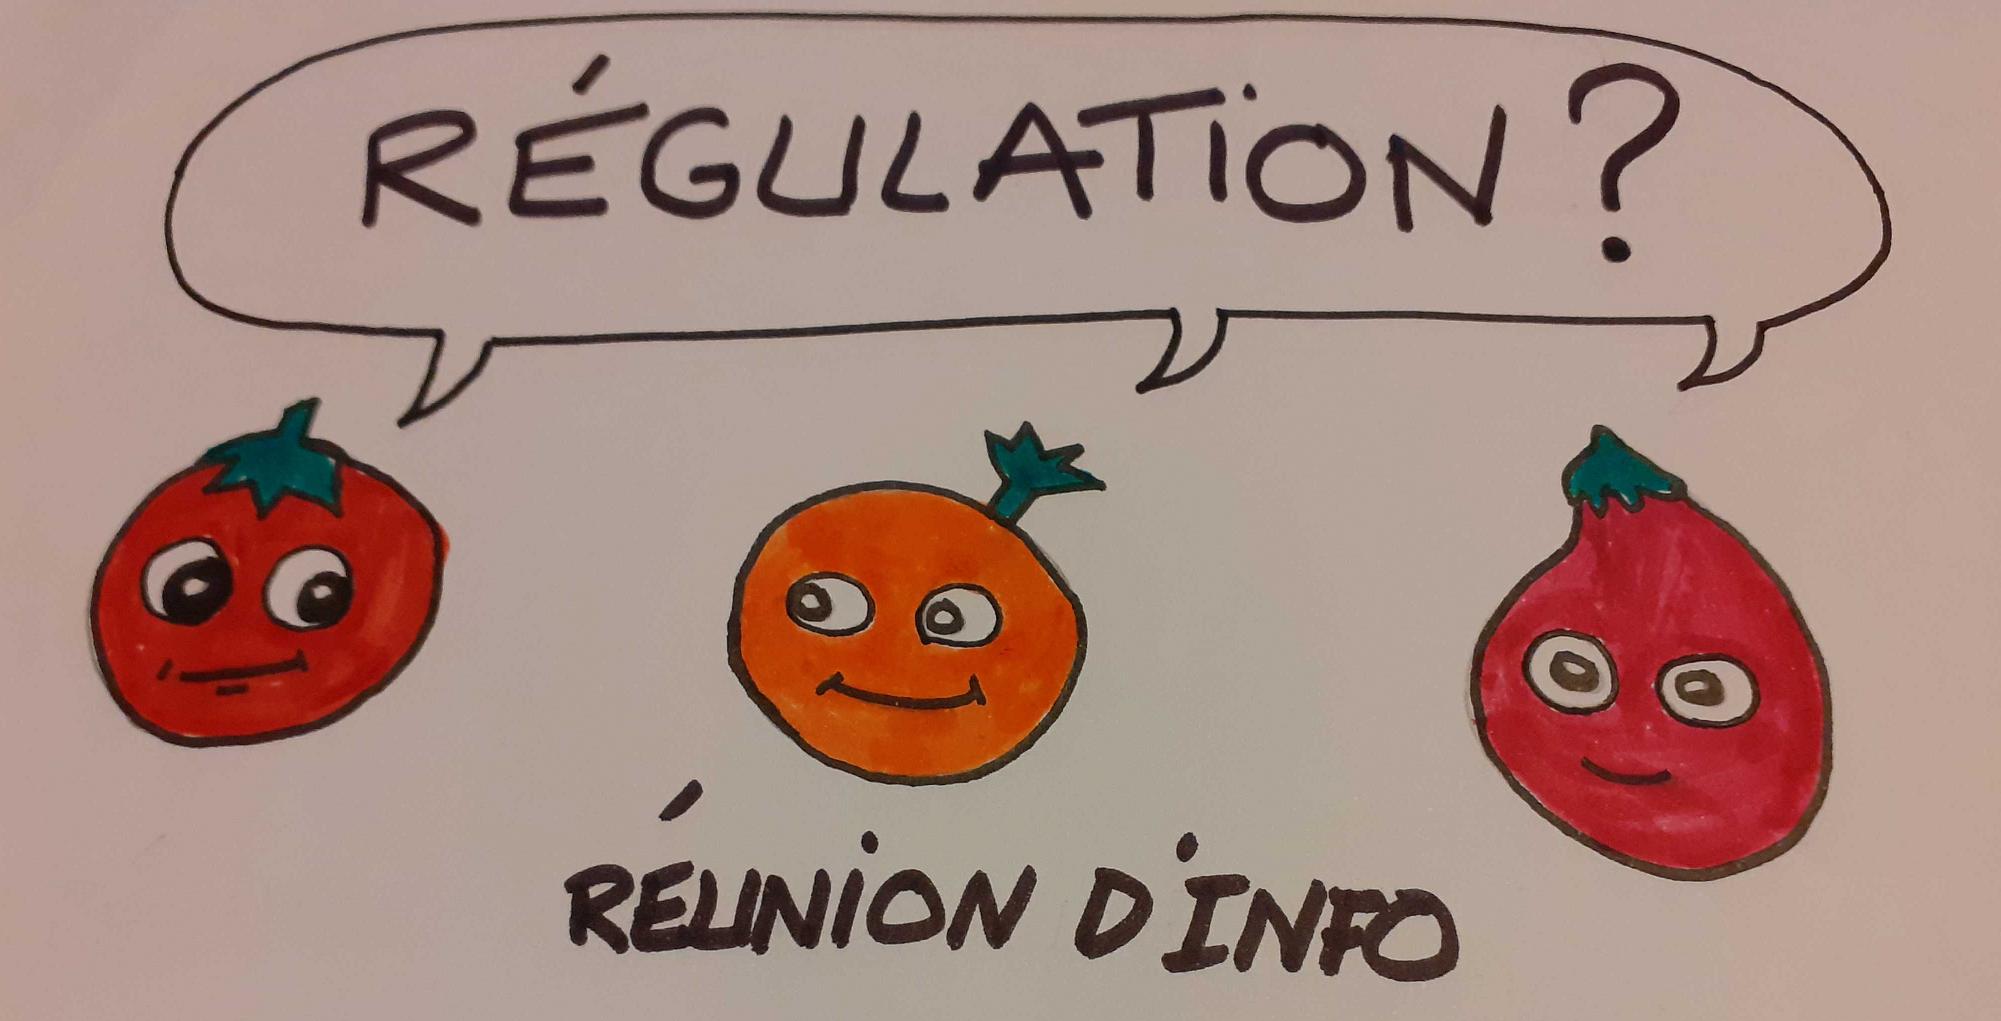 cercle_de_regul_reu_info